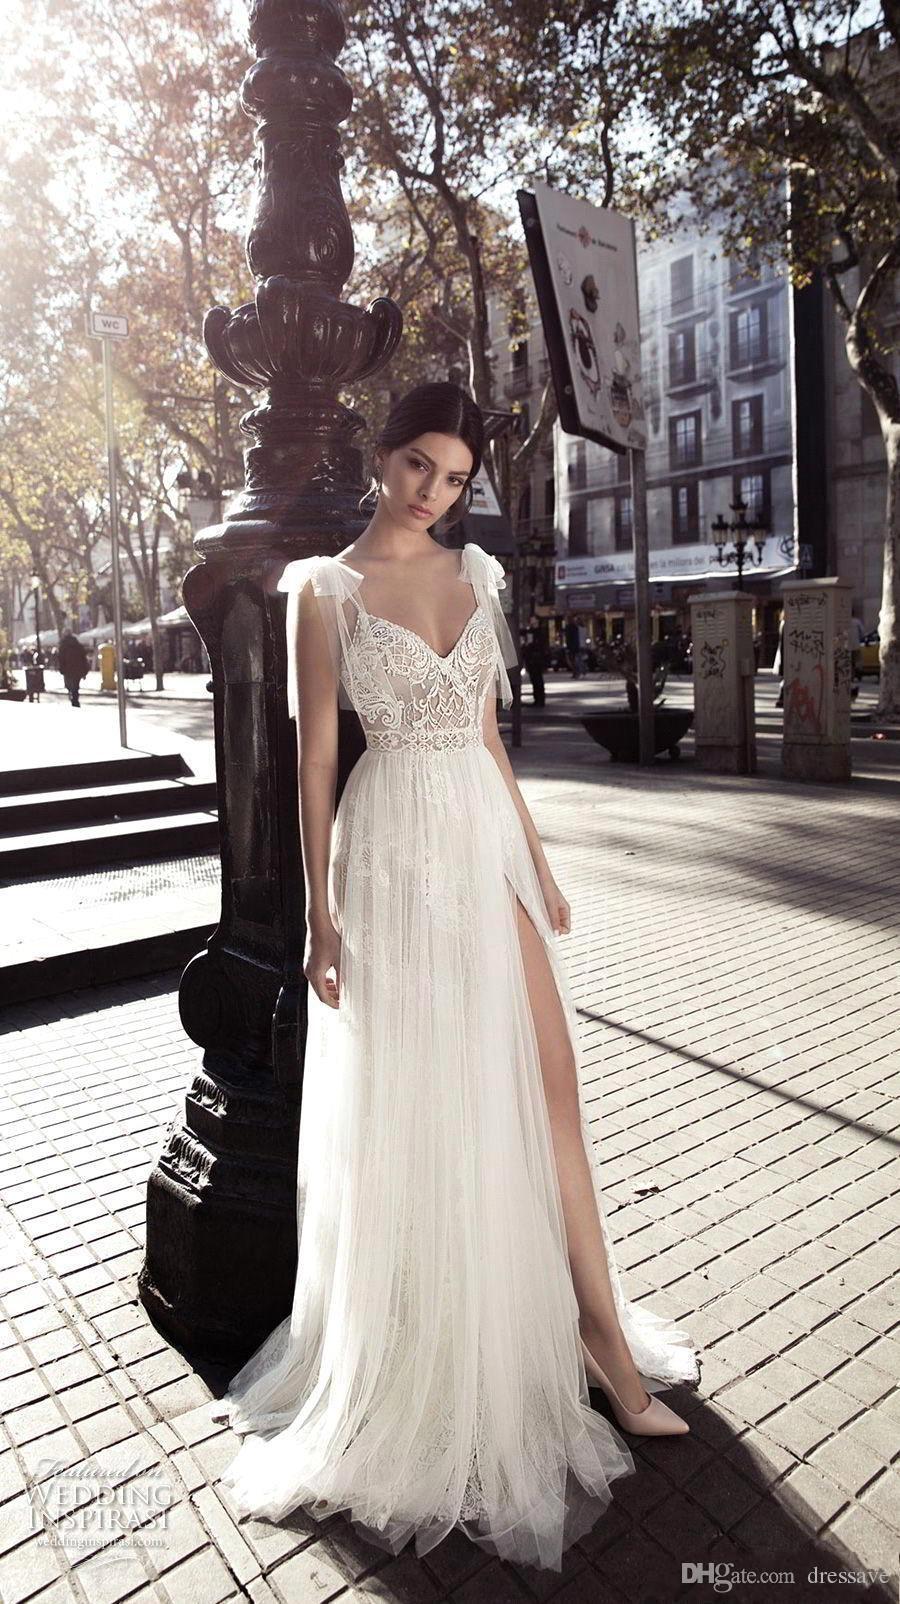 Dos nu plage robes de mariée fendue 2018 Sweetheart manches bouchées dentelle Vintage Boho robe de mariée une ligne robe de mariée vintage